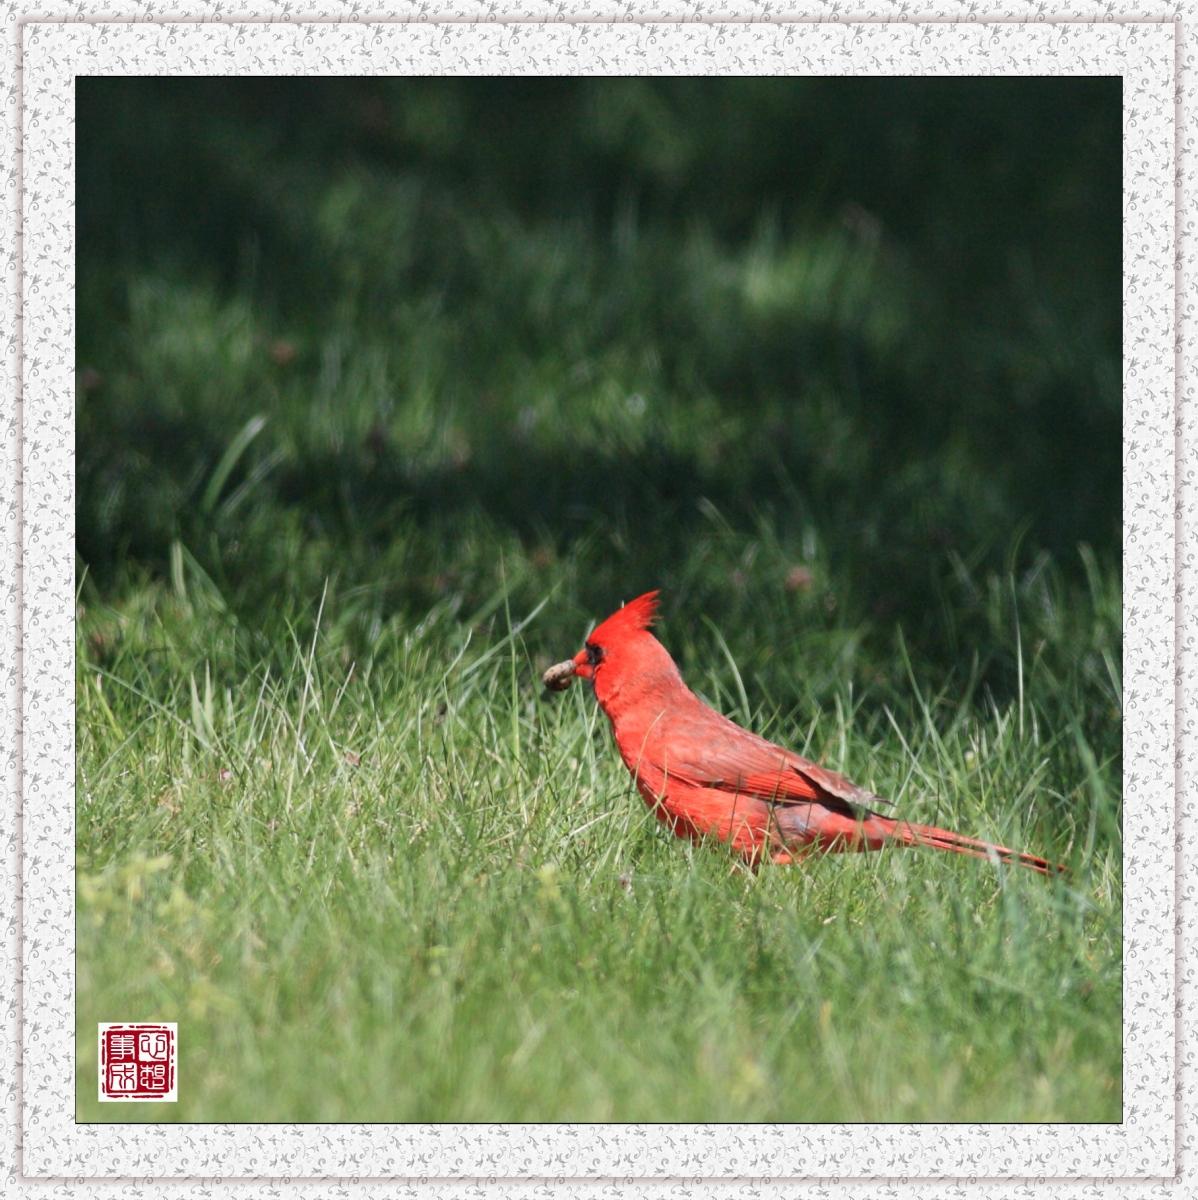 【心想事成】红衣教主鸟_图1-3